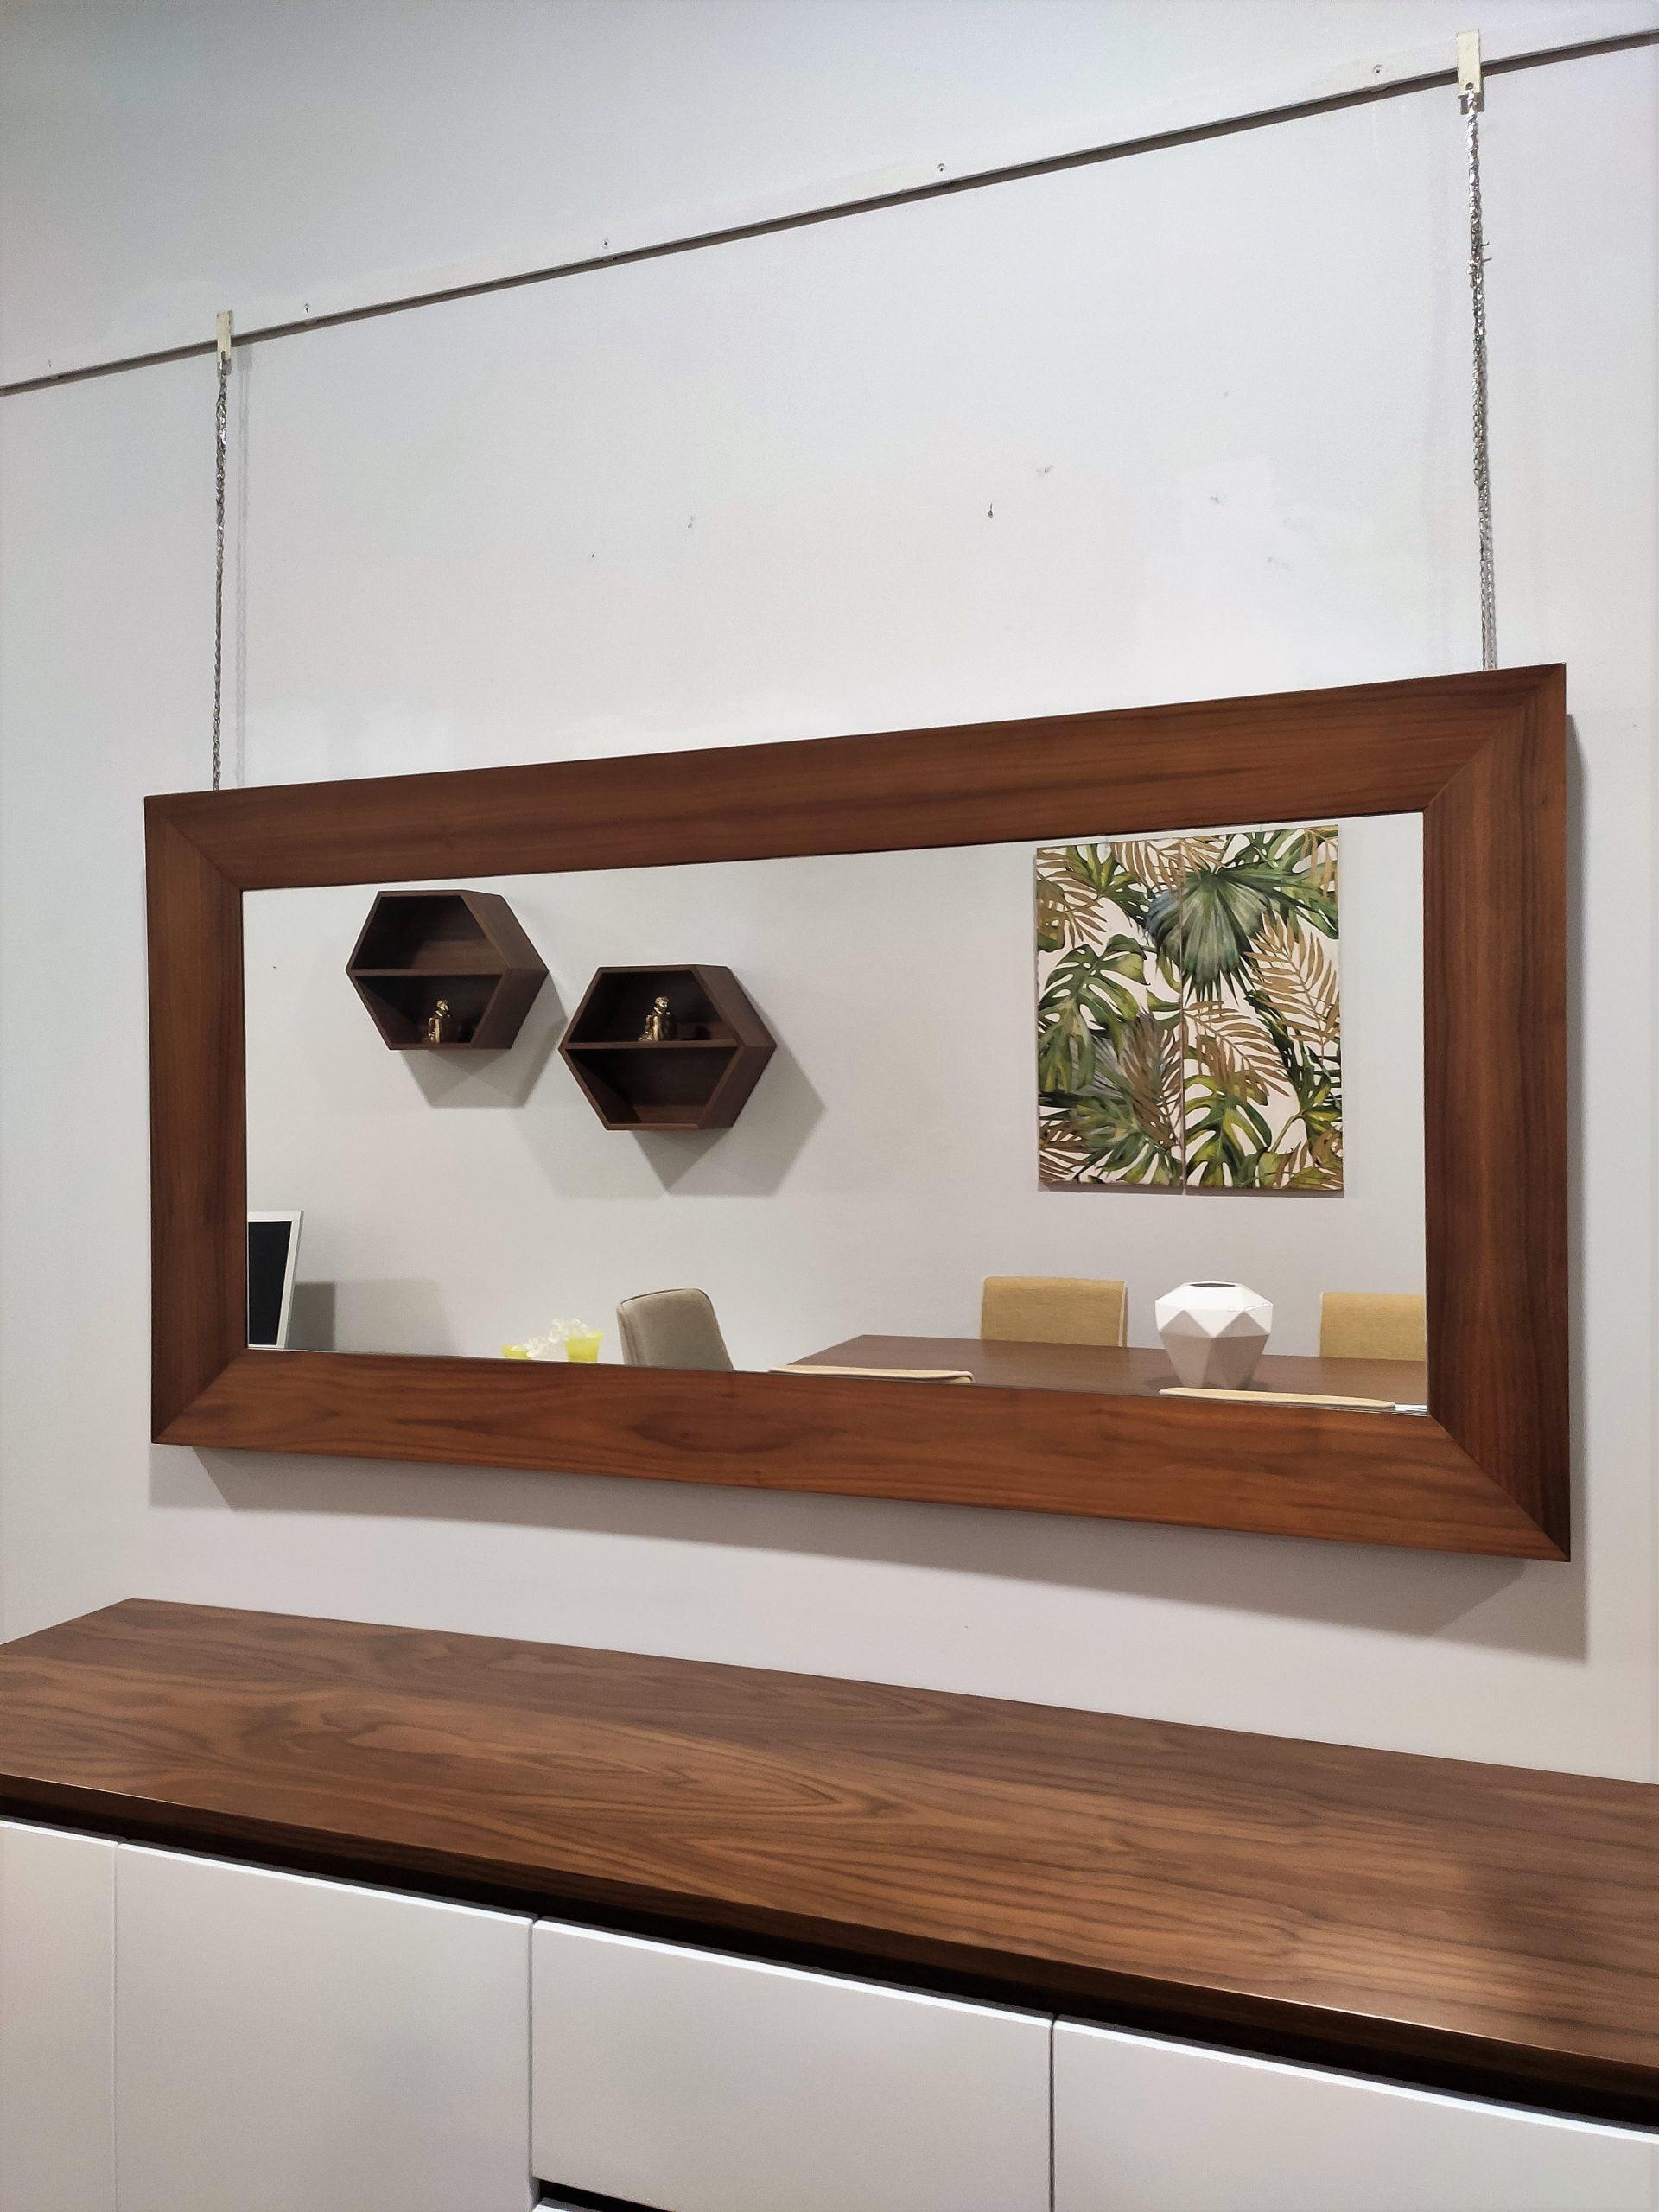 Espelho Rectangular Rebordo Nogueira 2 scaled